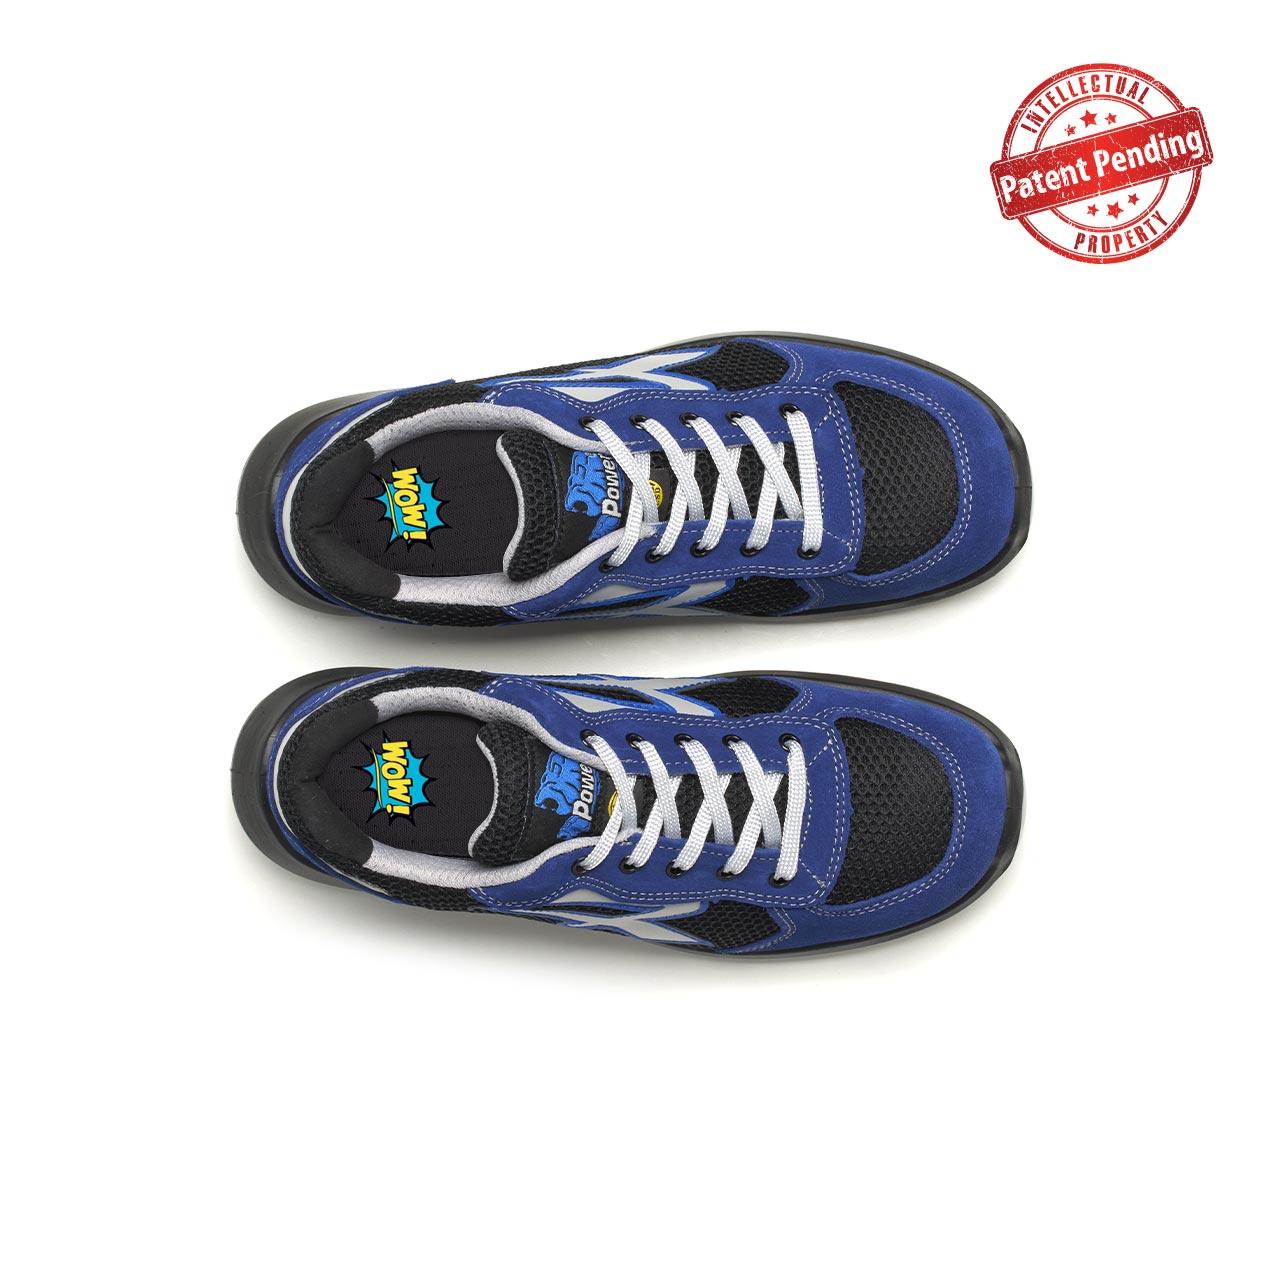 paio di scarpe antinfortunistiche upower modello sky linea redup vista top